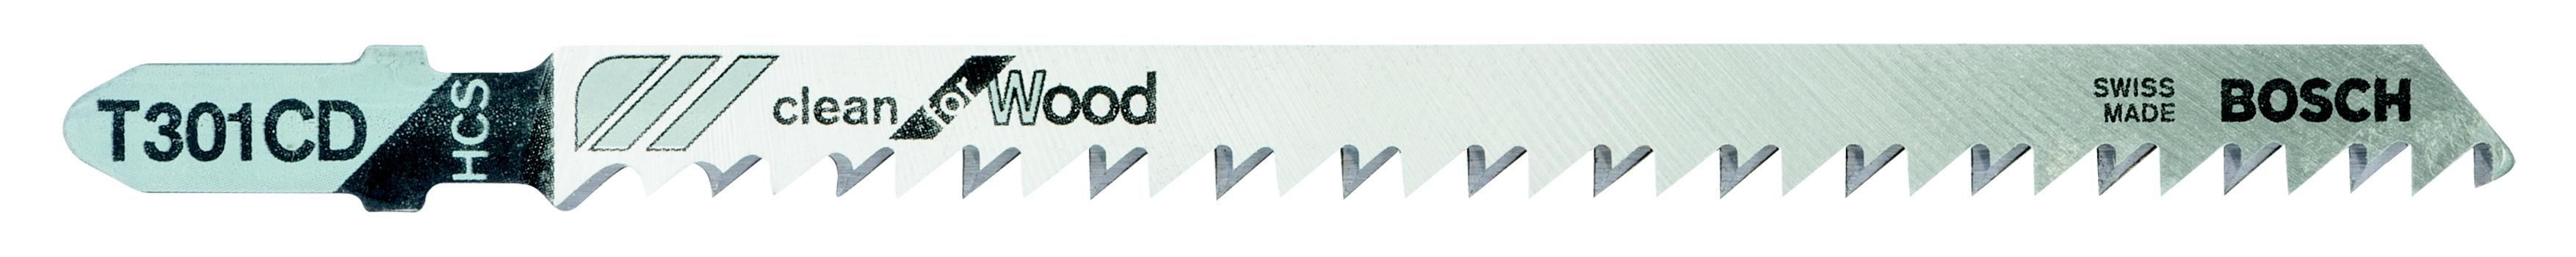 Купить Пилки для лобзика Bosch T301cd (2.608.637.590), Швейцария